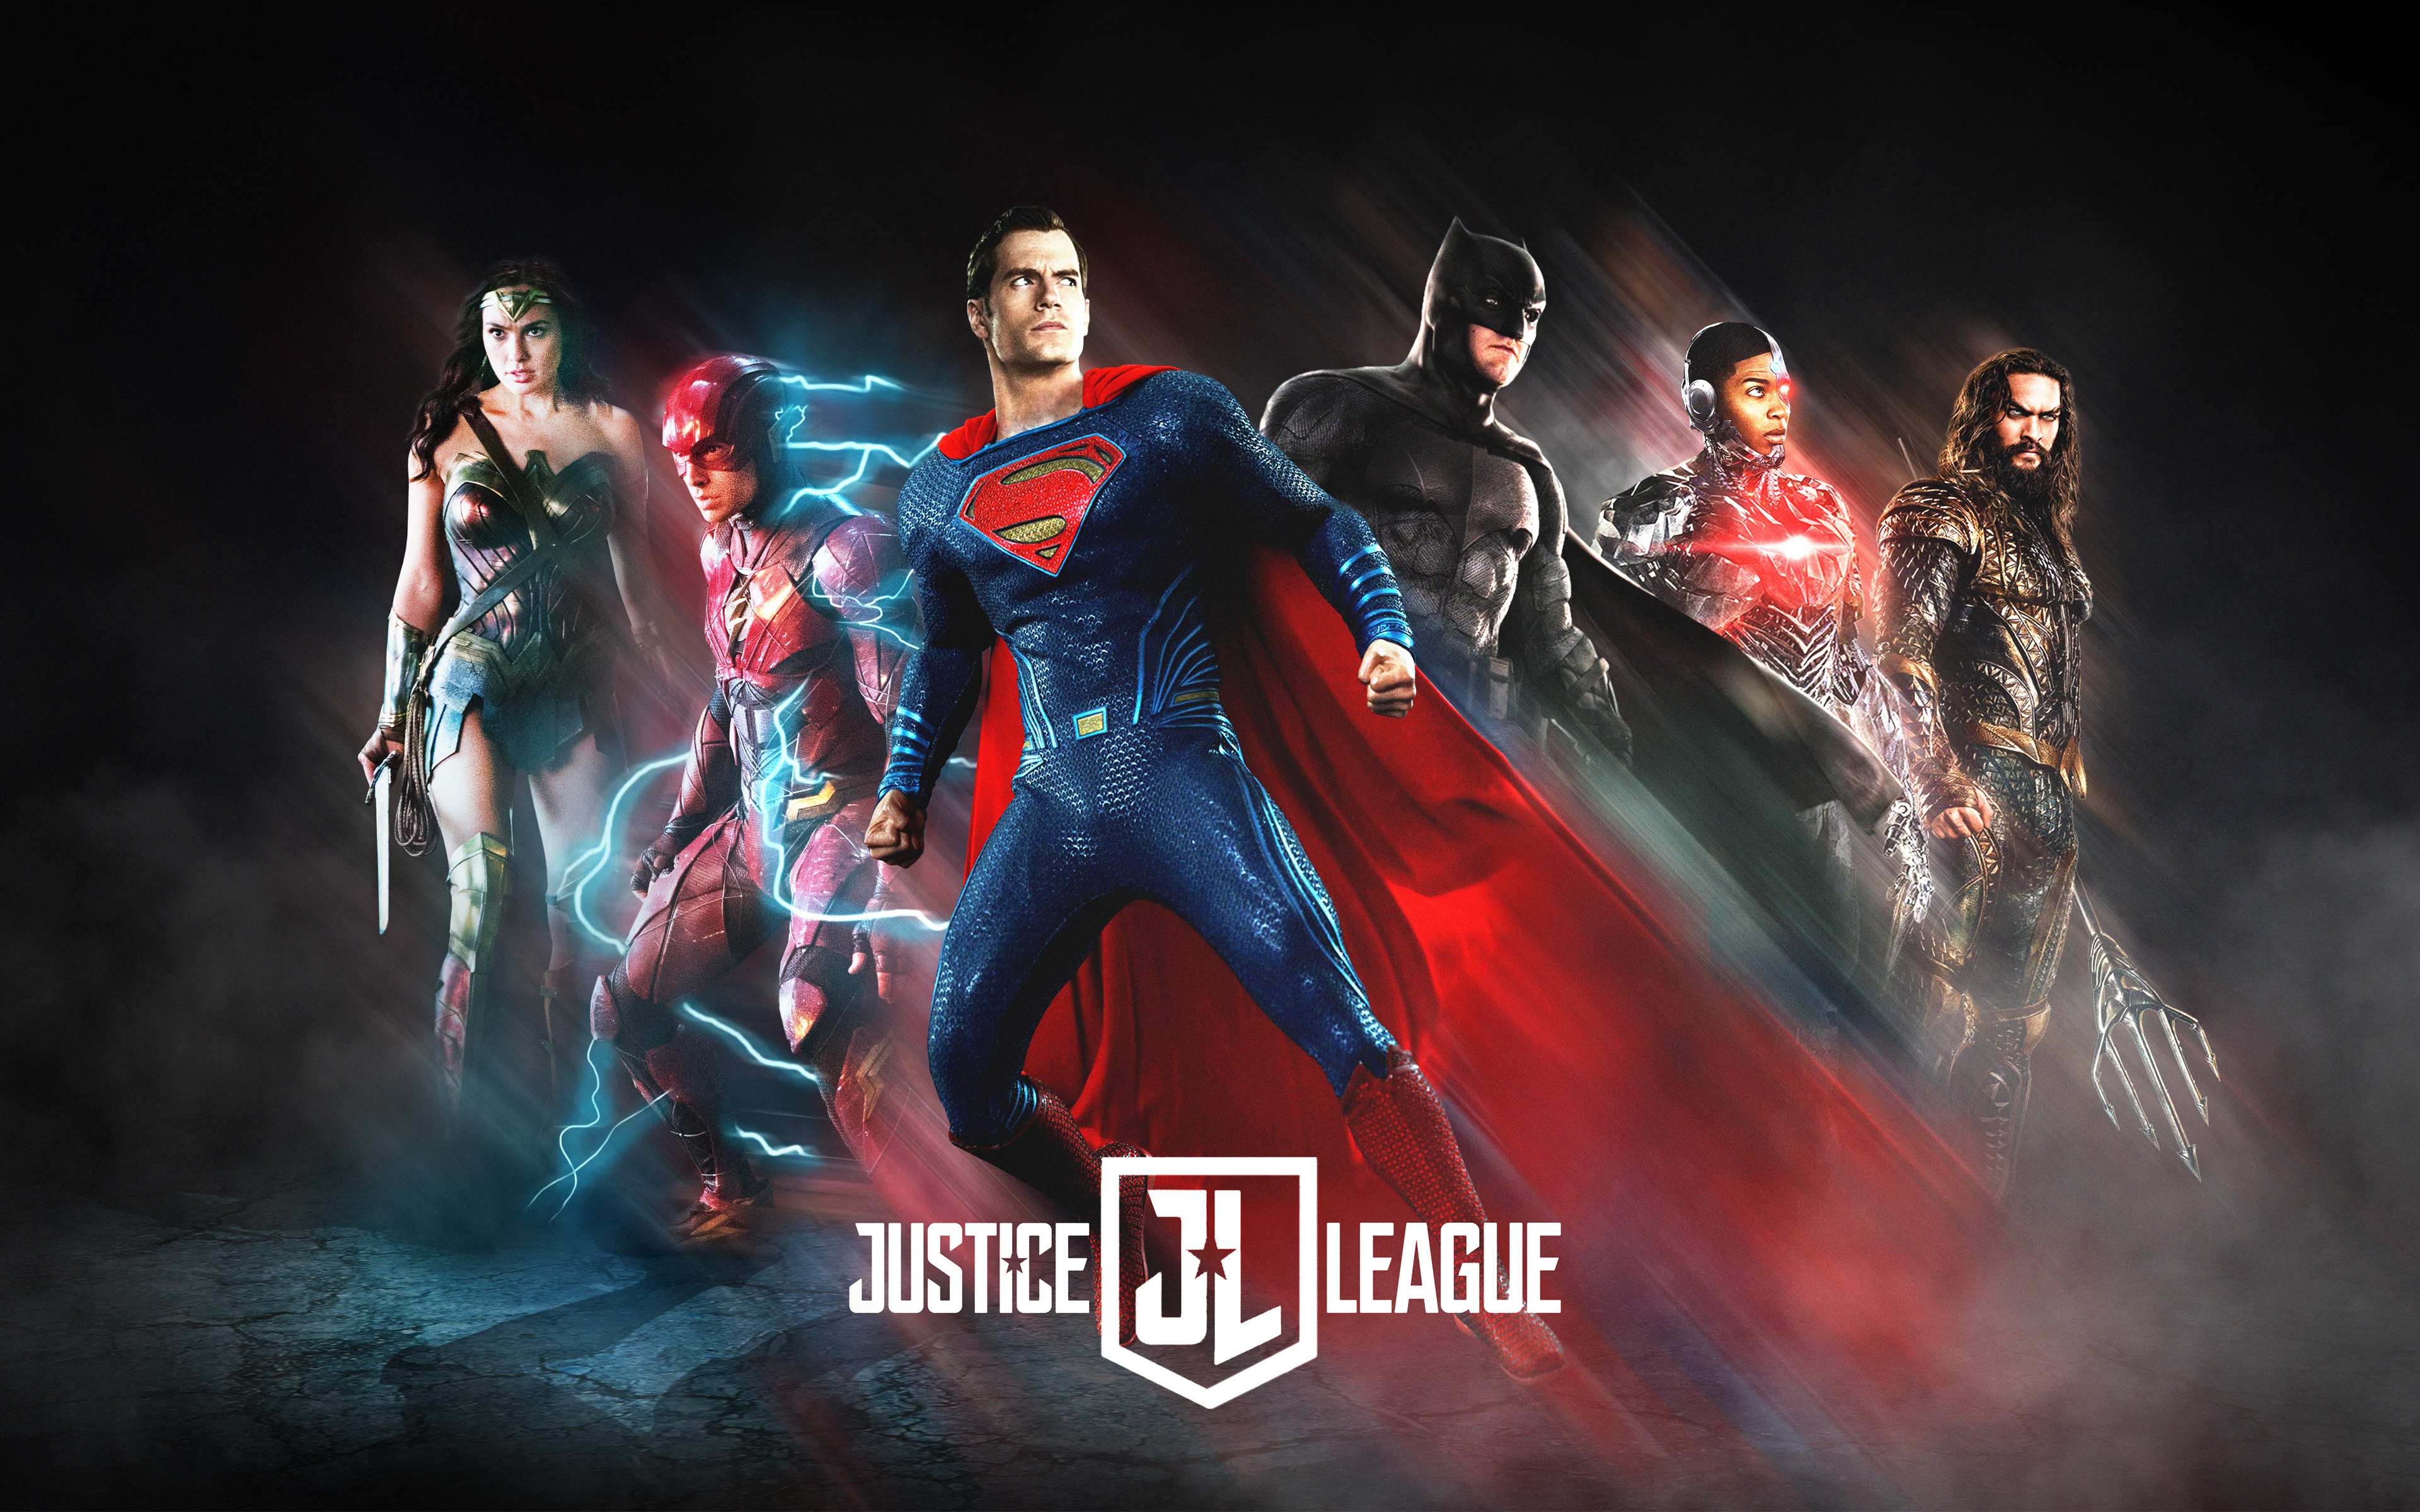 justice league 2017 poster fan art hd 4k wallpaper